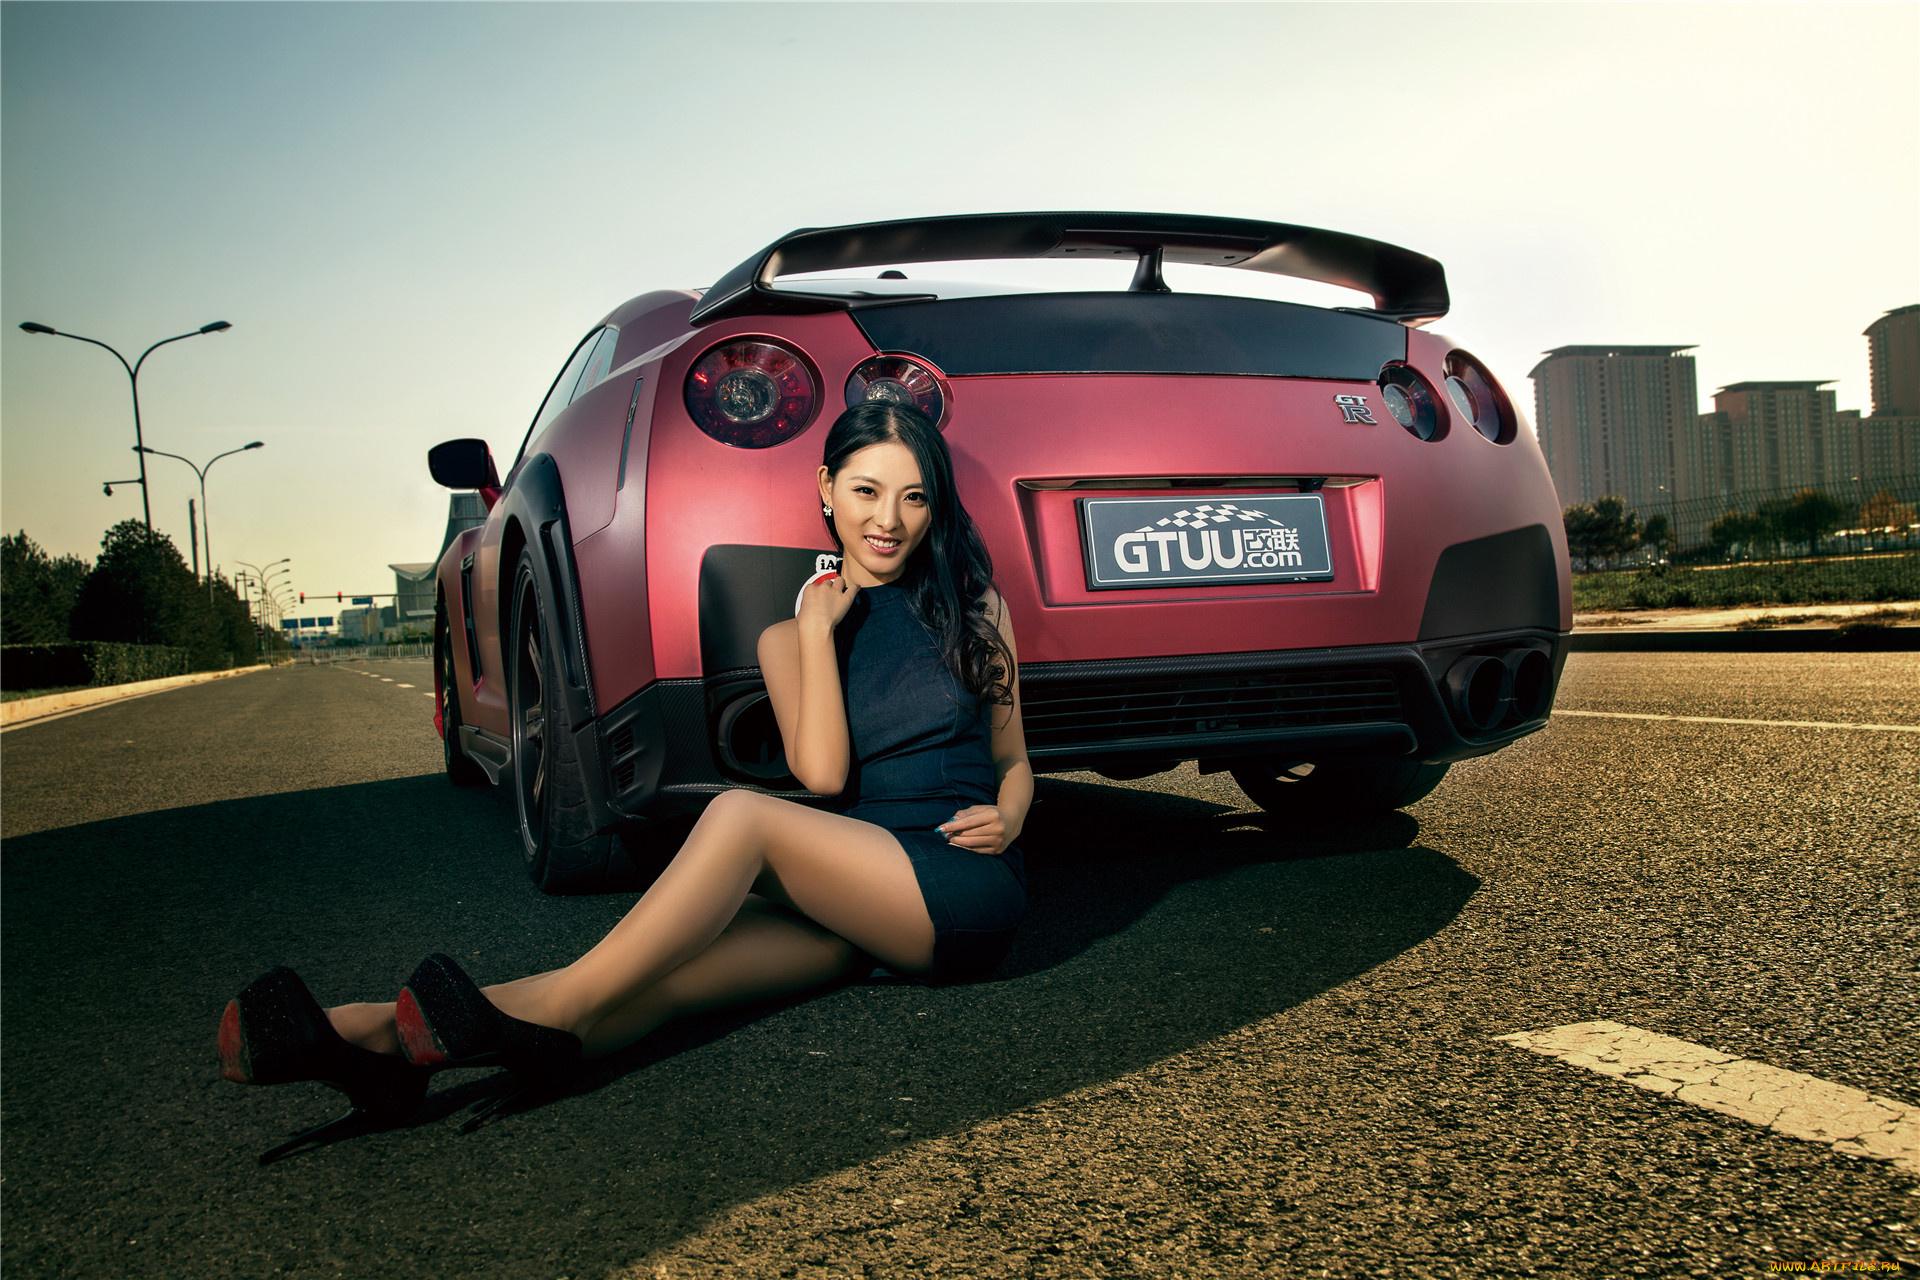 Фото авто девки, Сексуальные девушки и автомобили 17 фотография